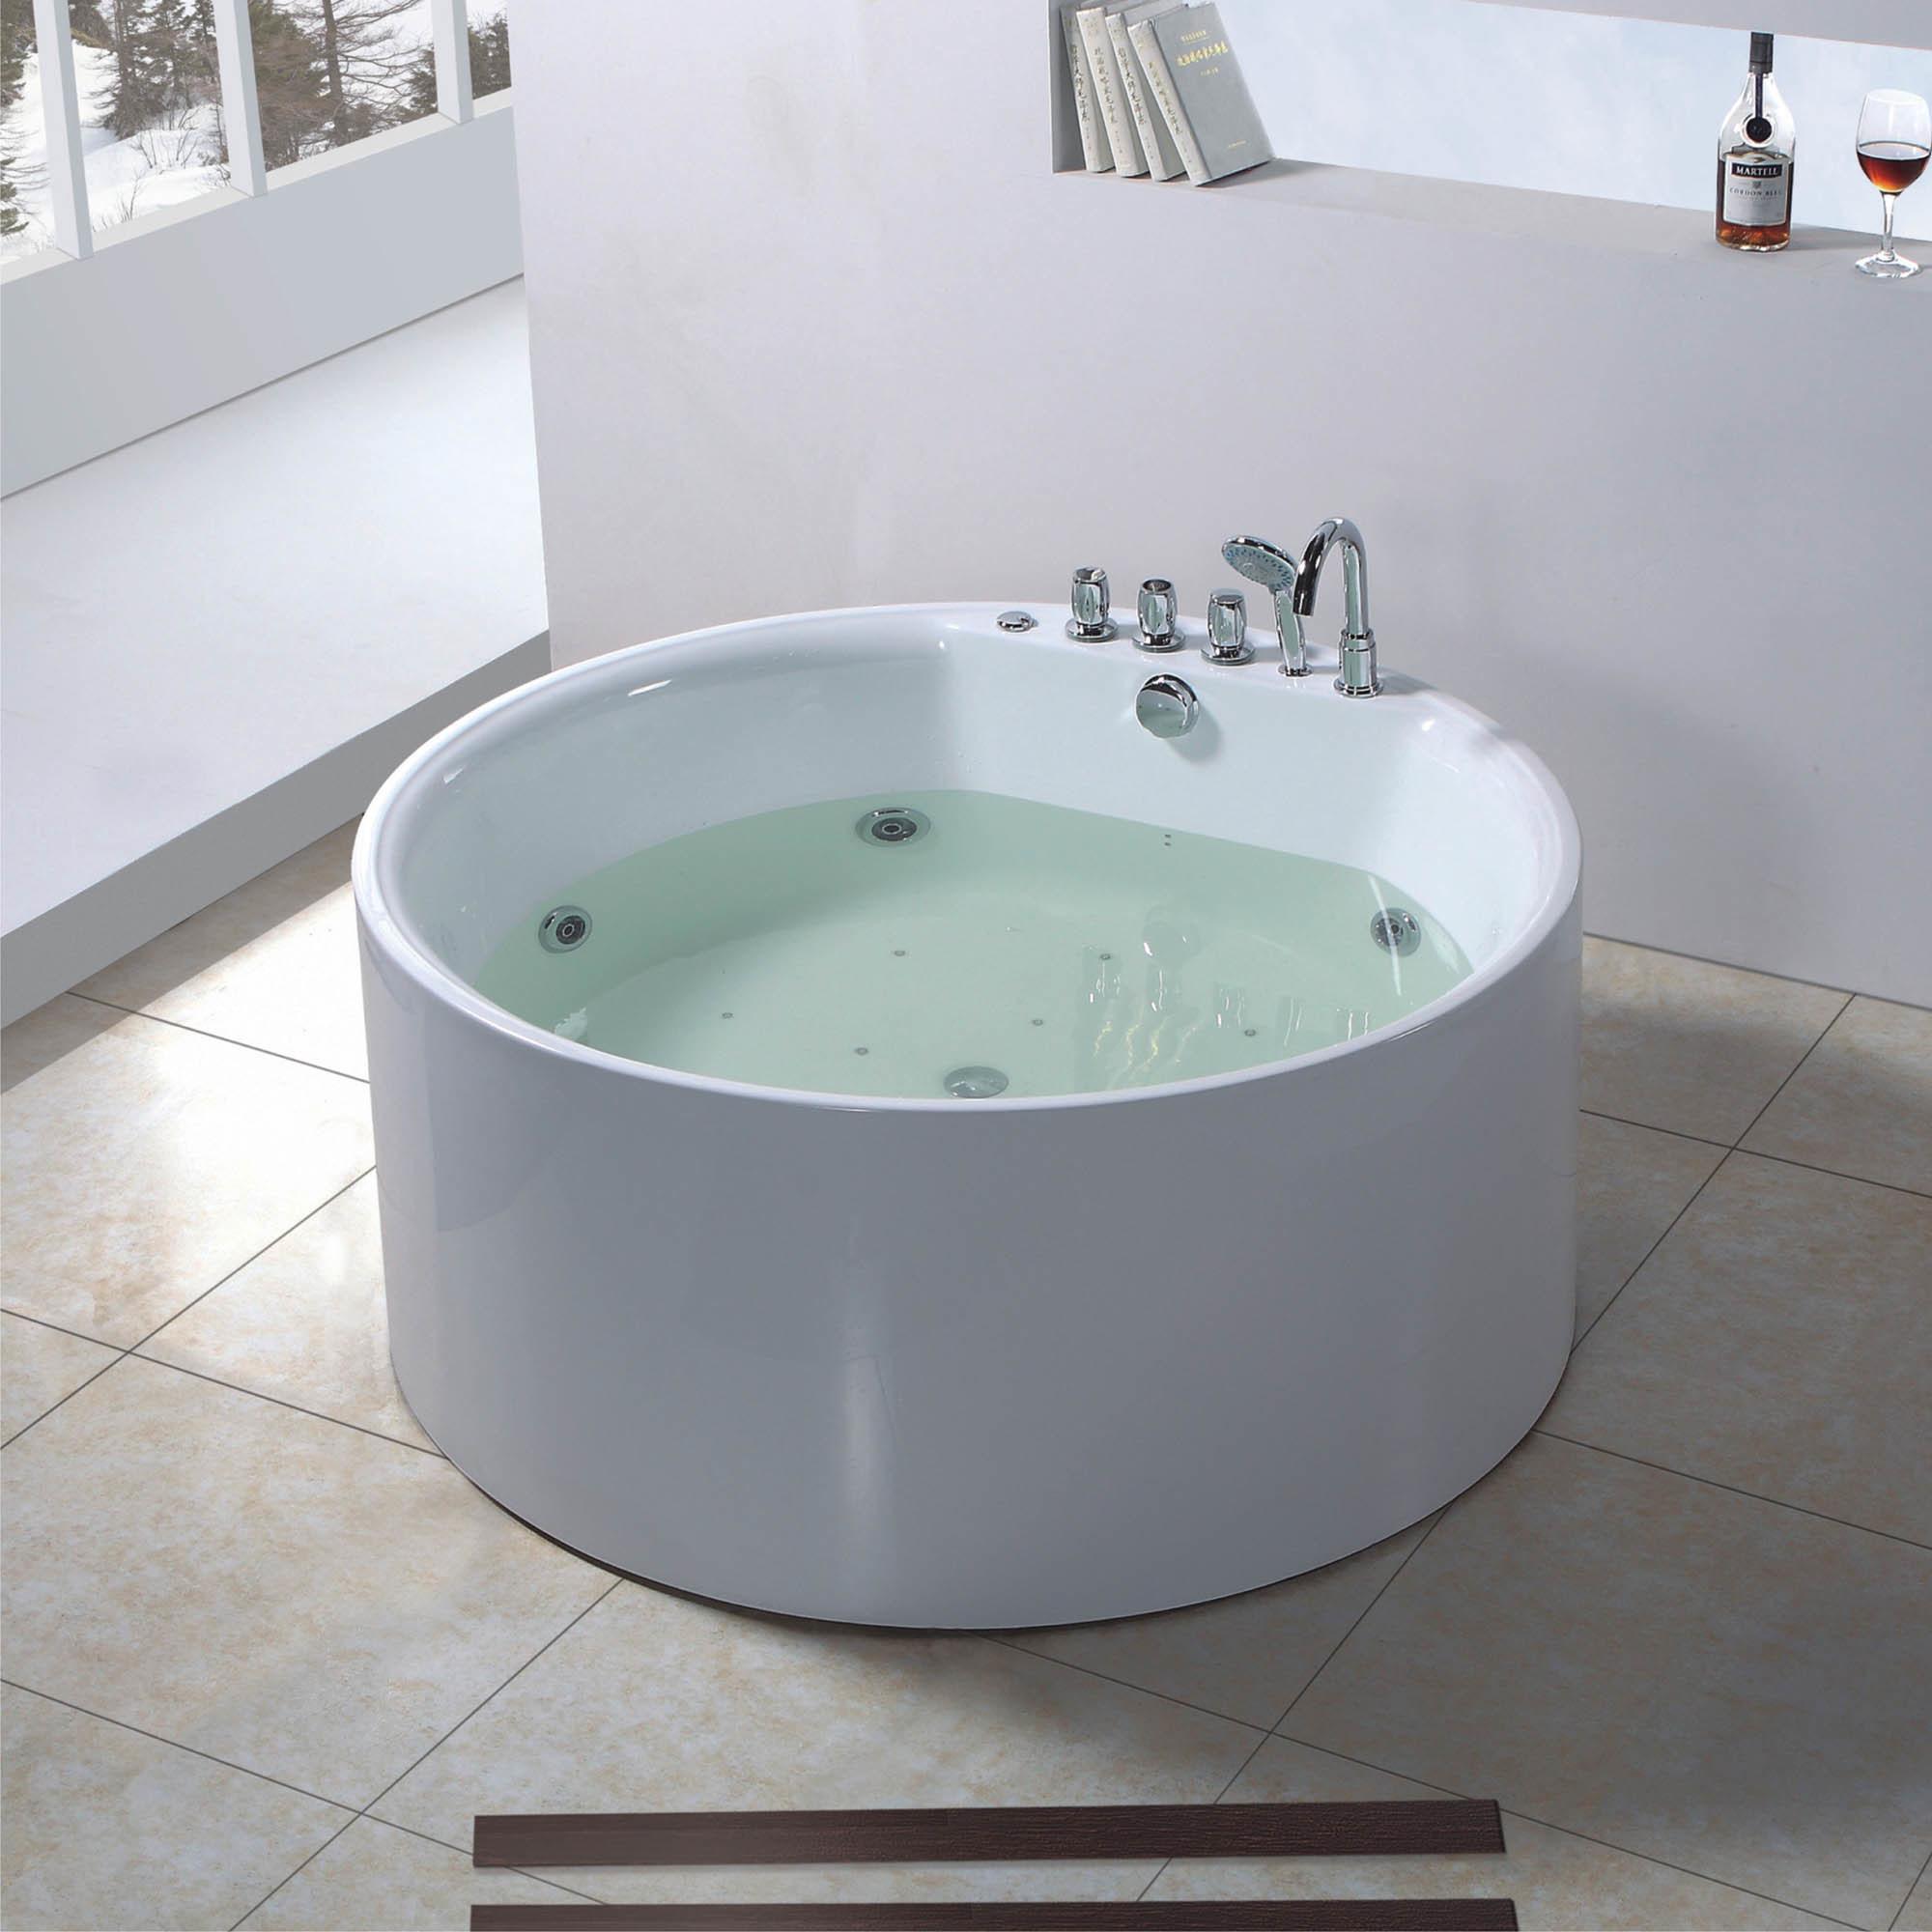 Vasca da bagno della Jacuzzi di figura rotonda (BF-6627) – Vasca da bagno della Jacuzzi di ...